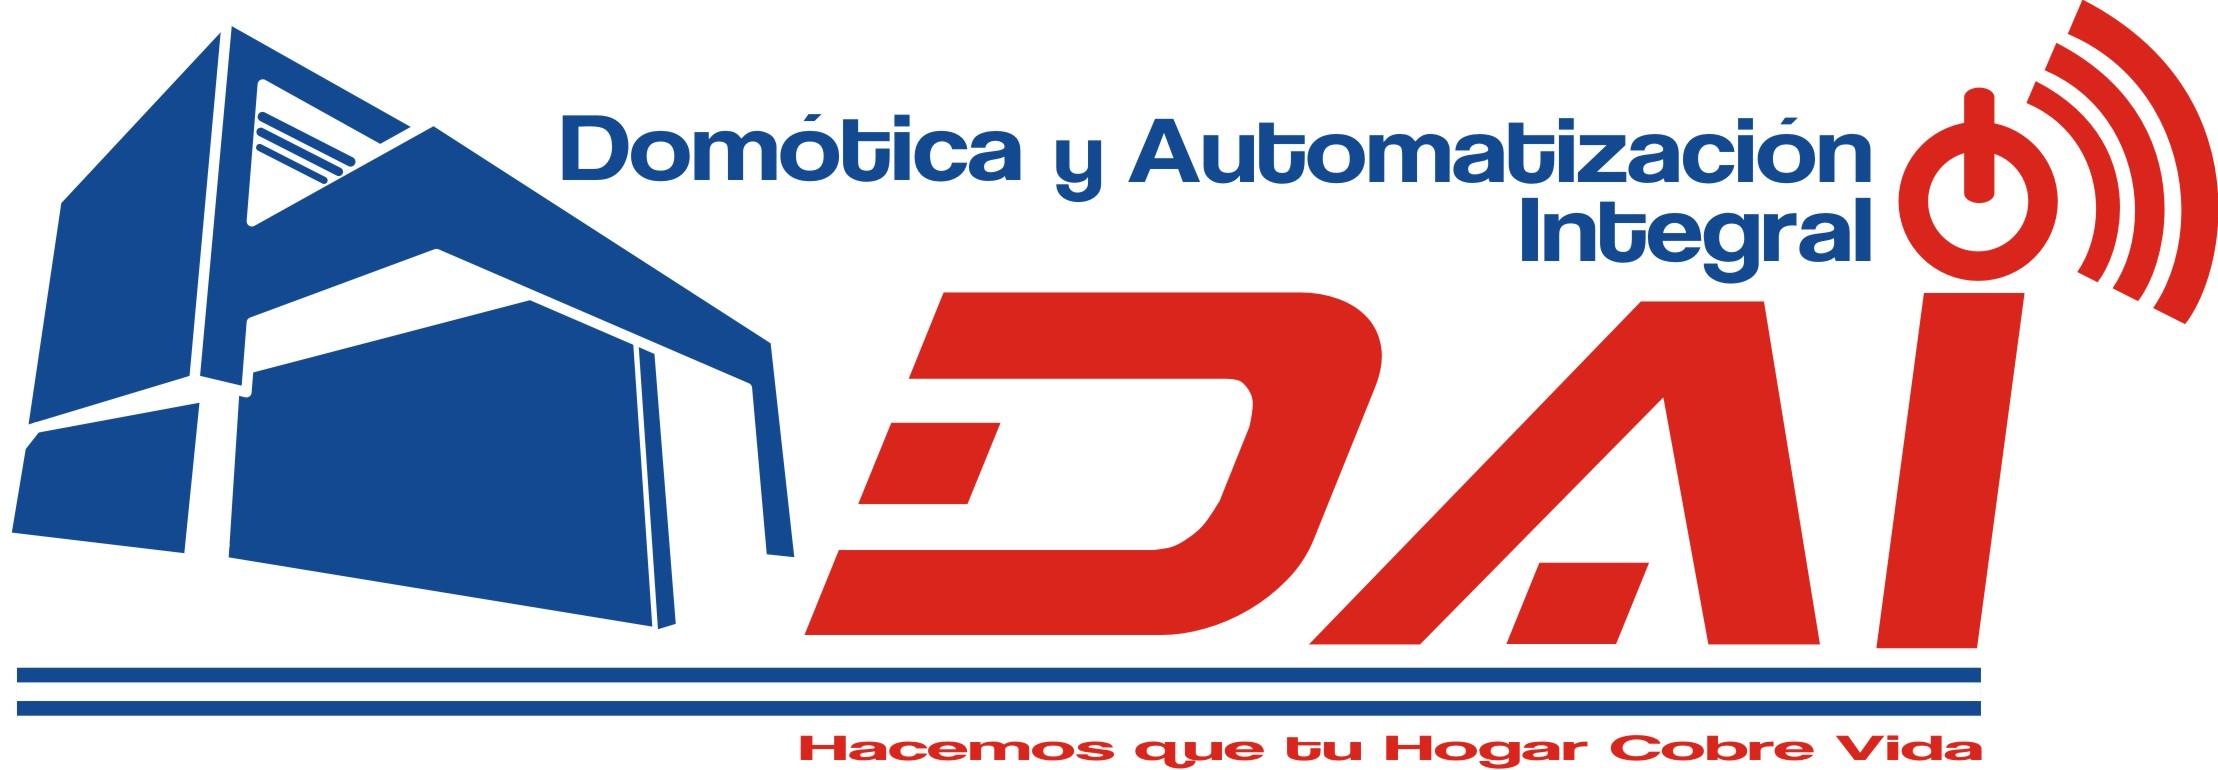 Domotica Y Automatización Integral